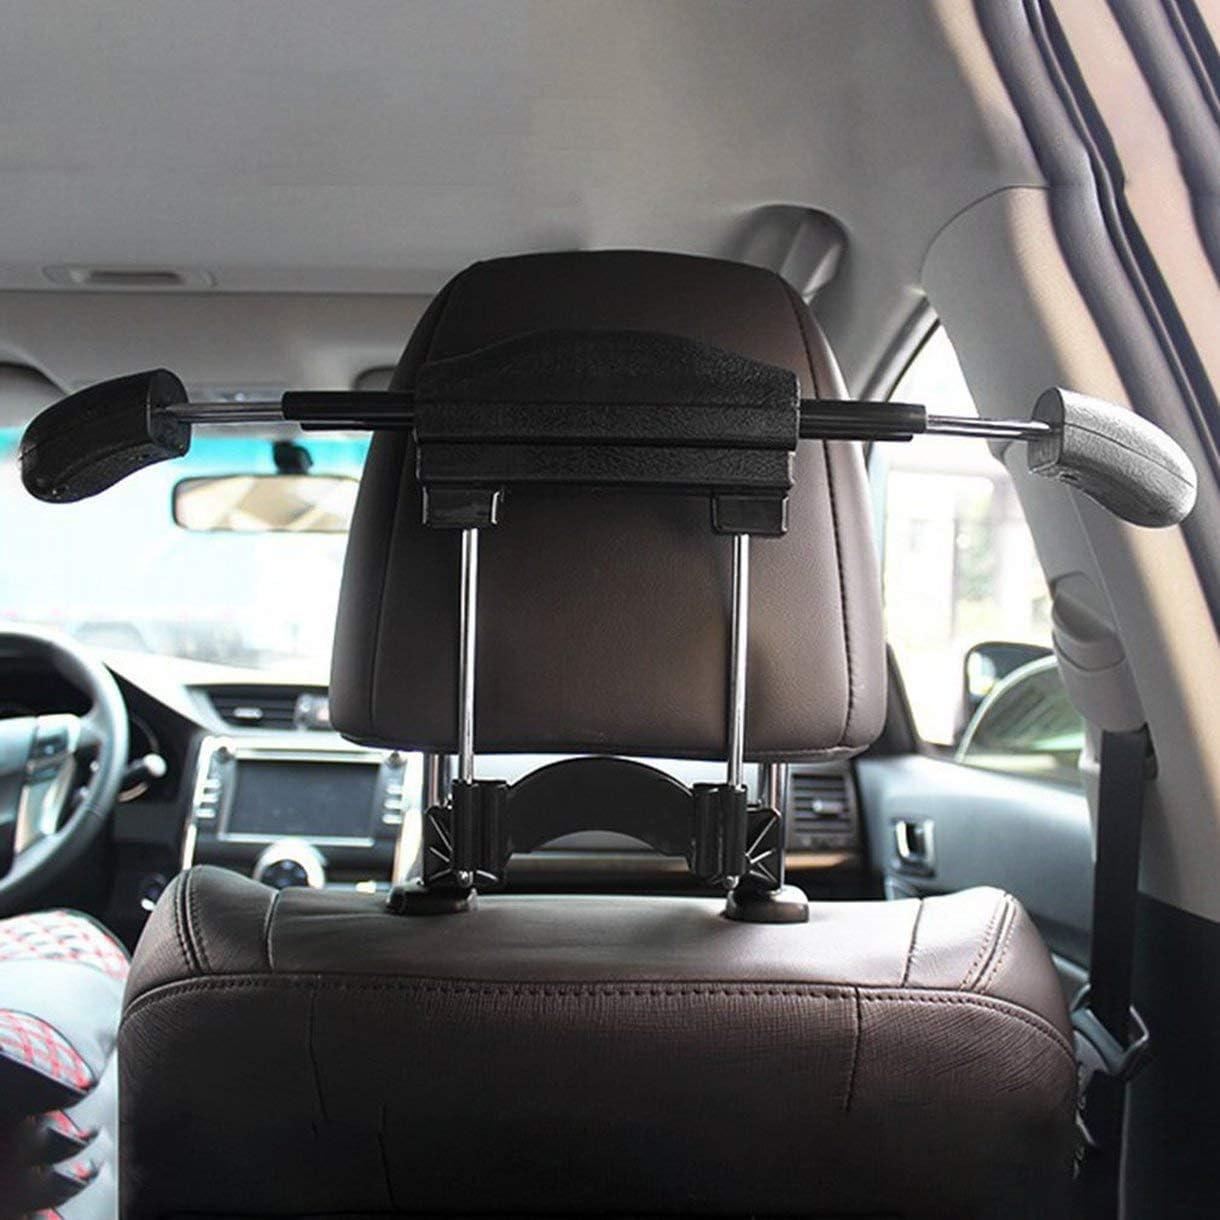 Mini voiture cintre v/êtements durable porte-manteau cintre extension-type voiture utilisation cintre accessoire de voiture installation facile couleur: noir